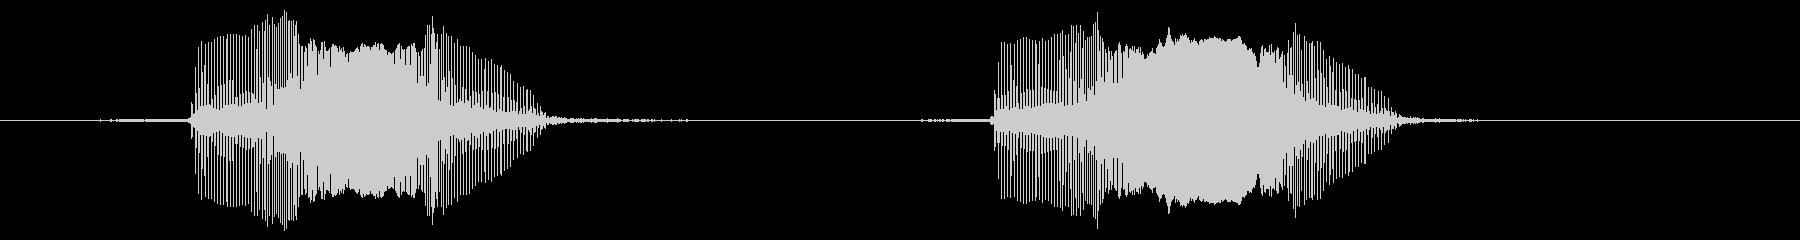 コミカルラバーキーキーの未再生の波形